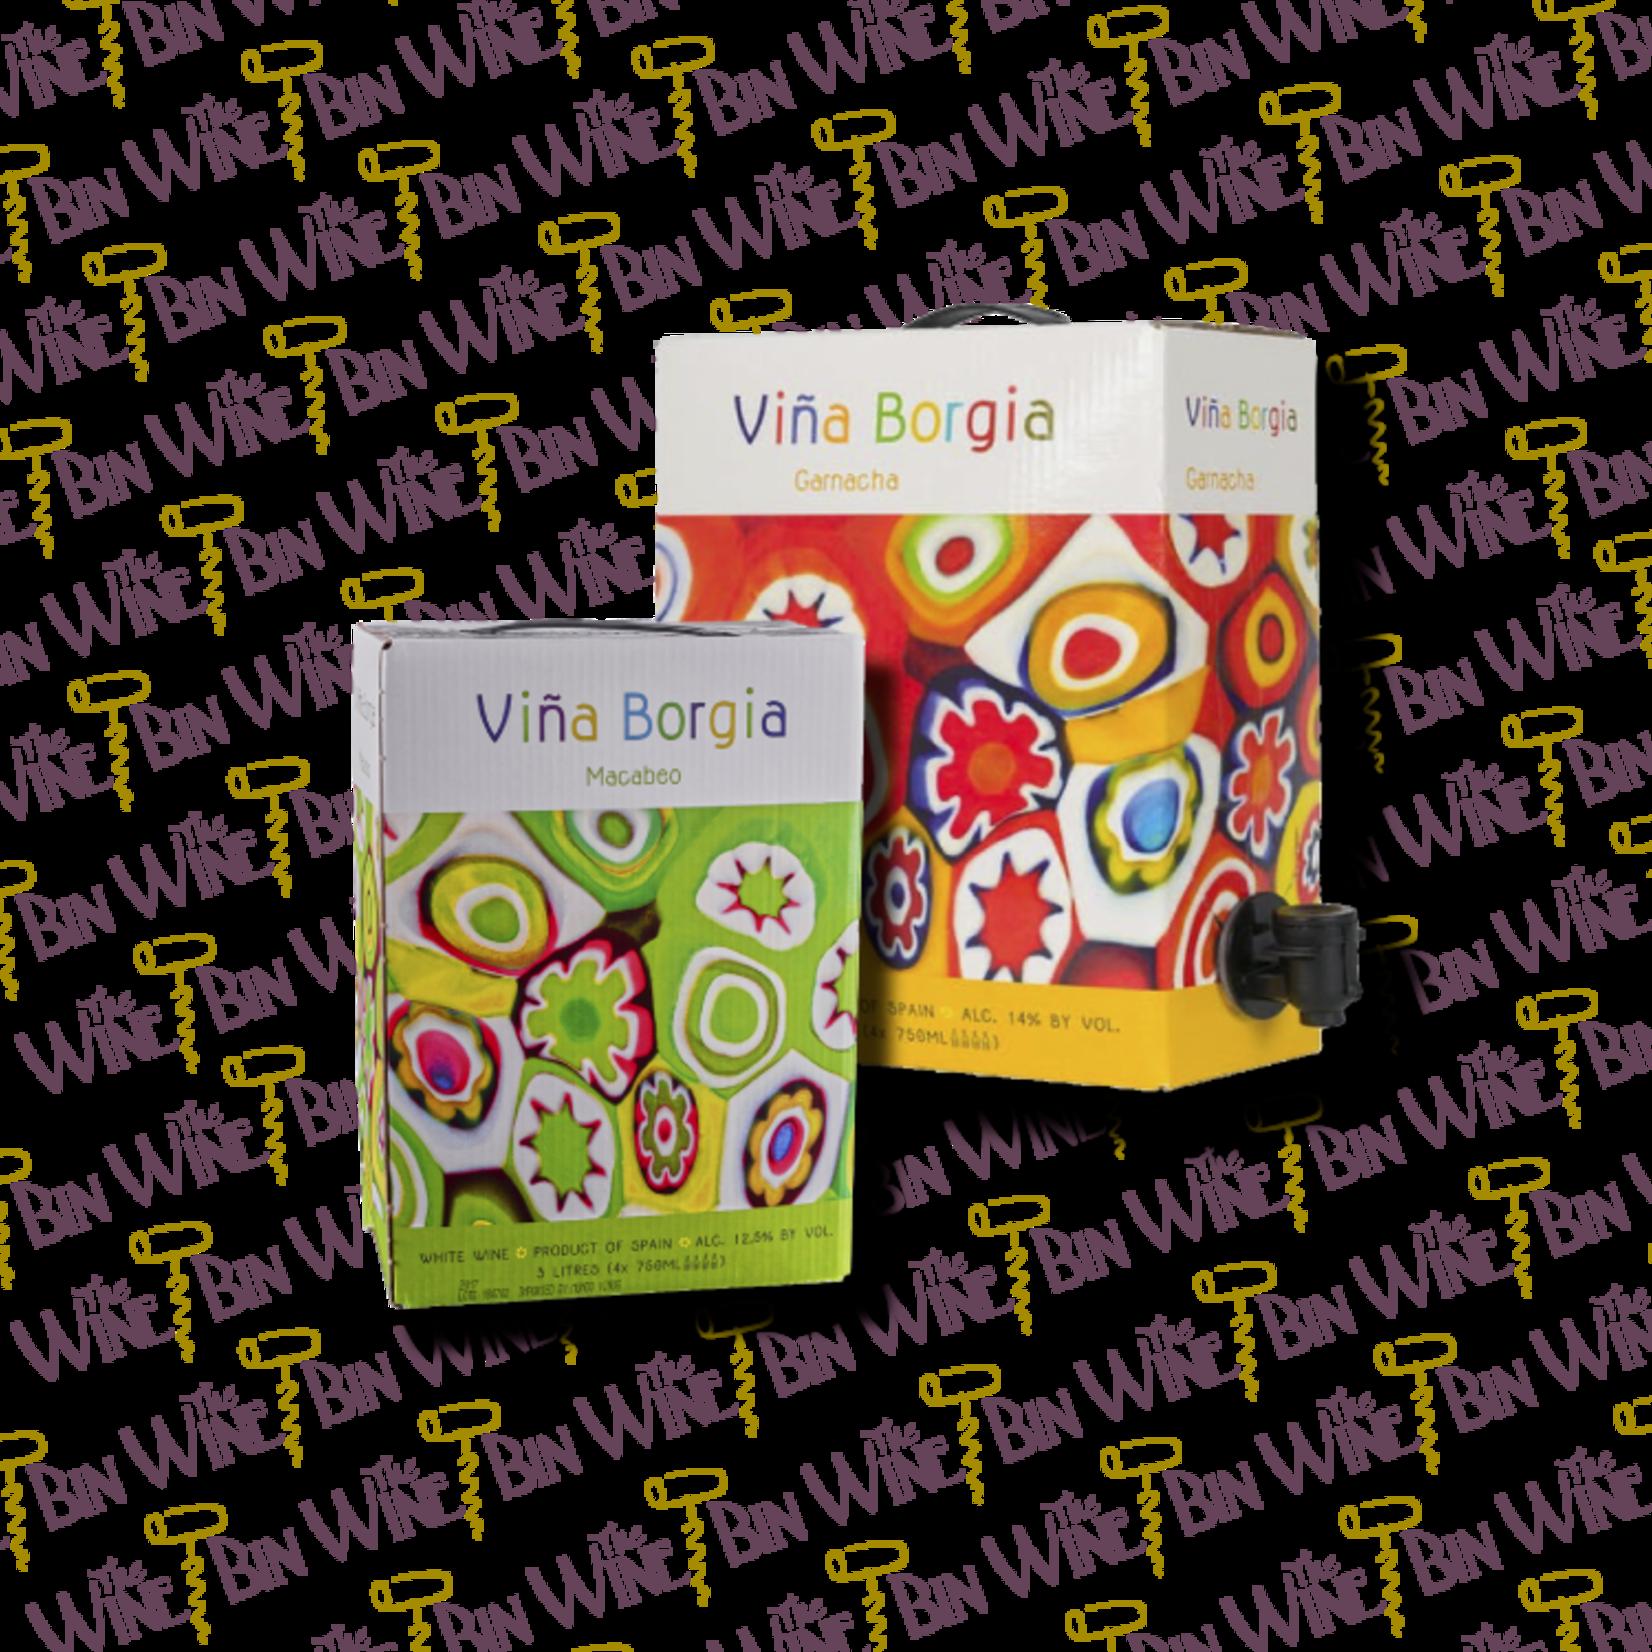 Vina Borgia Vina Borgia– 3L Box Wine